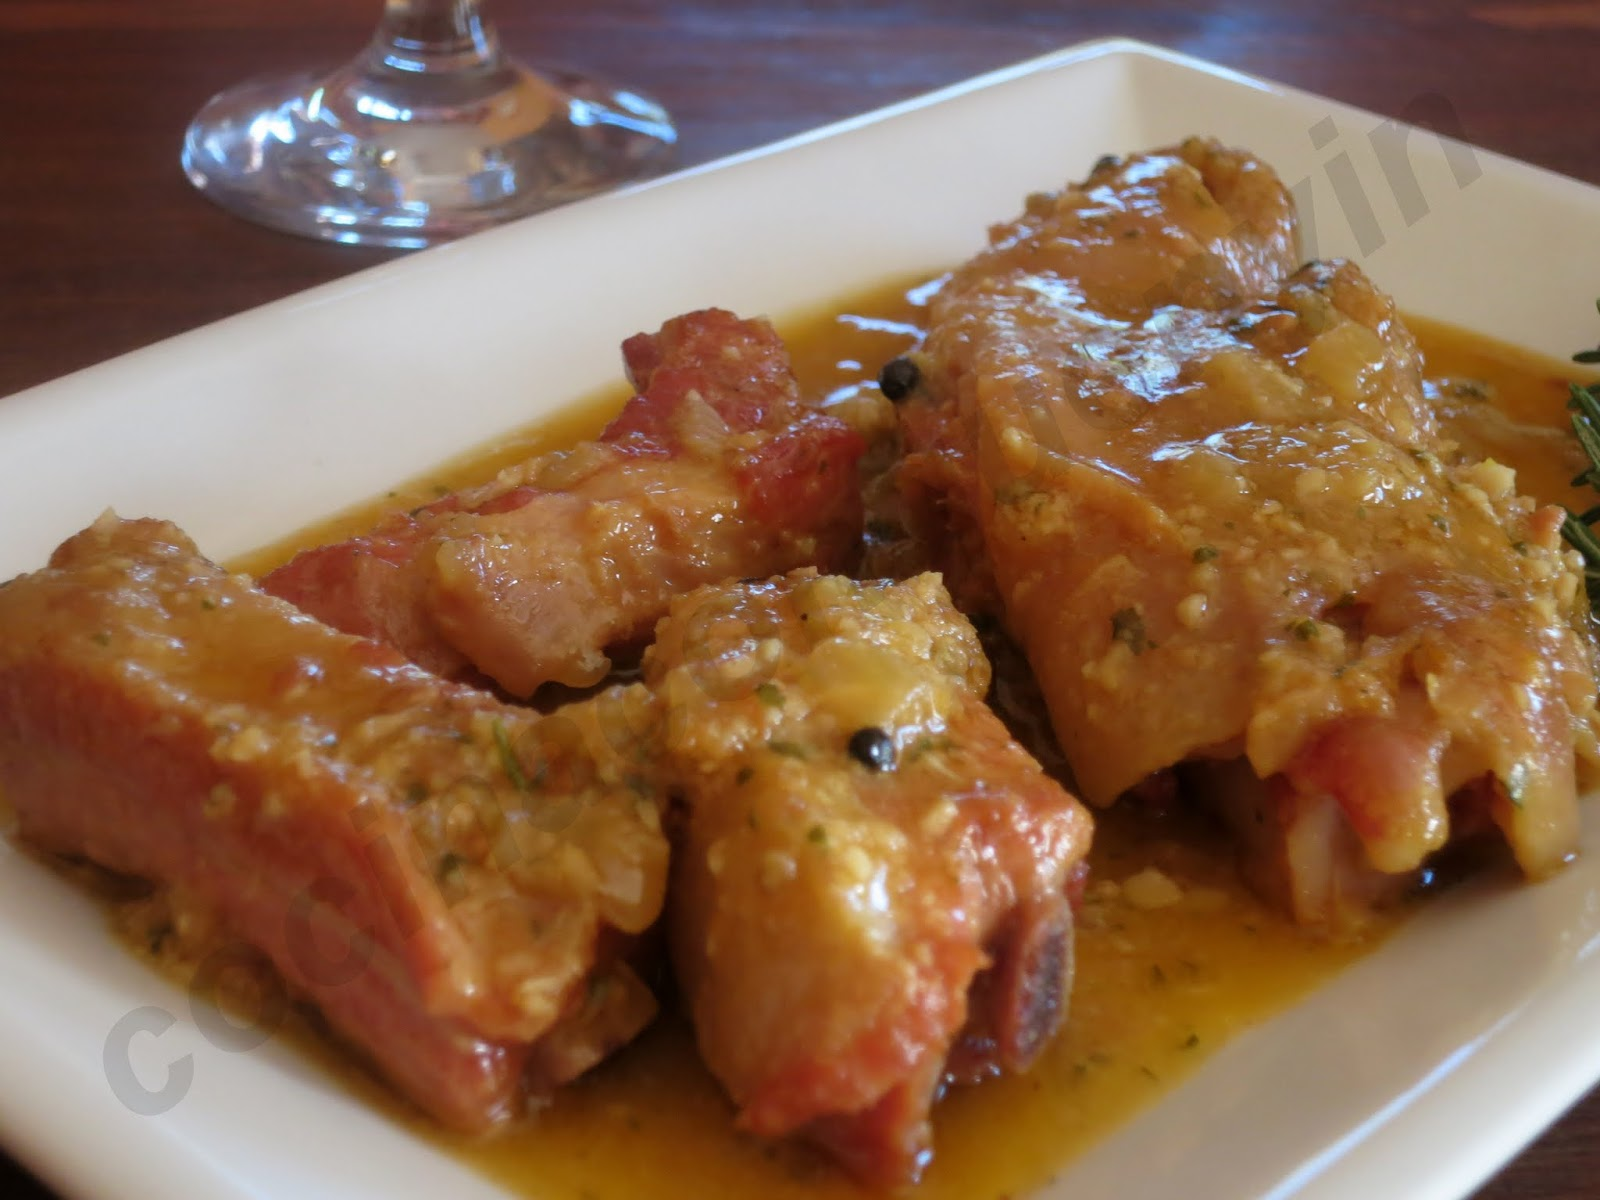 Cocina con quenyin caldero de manitas de cerdo y for Cocinar manitas de cerdo